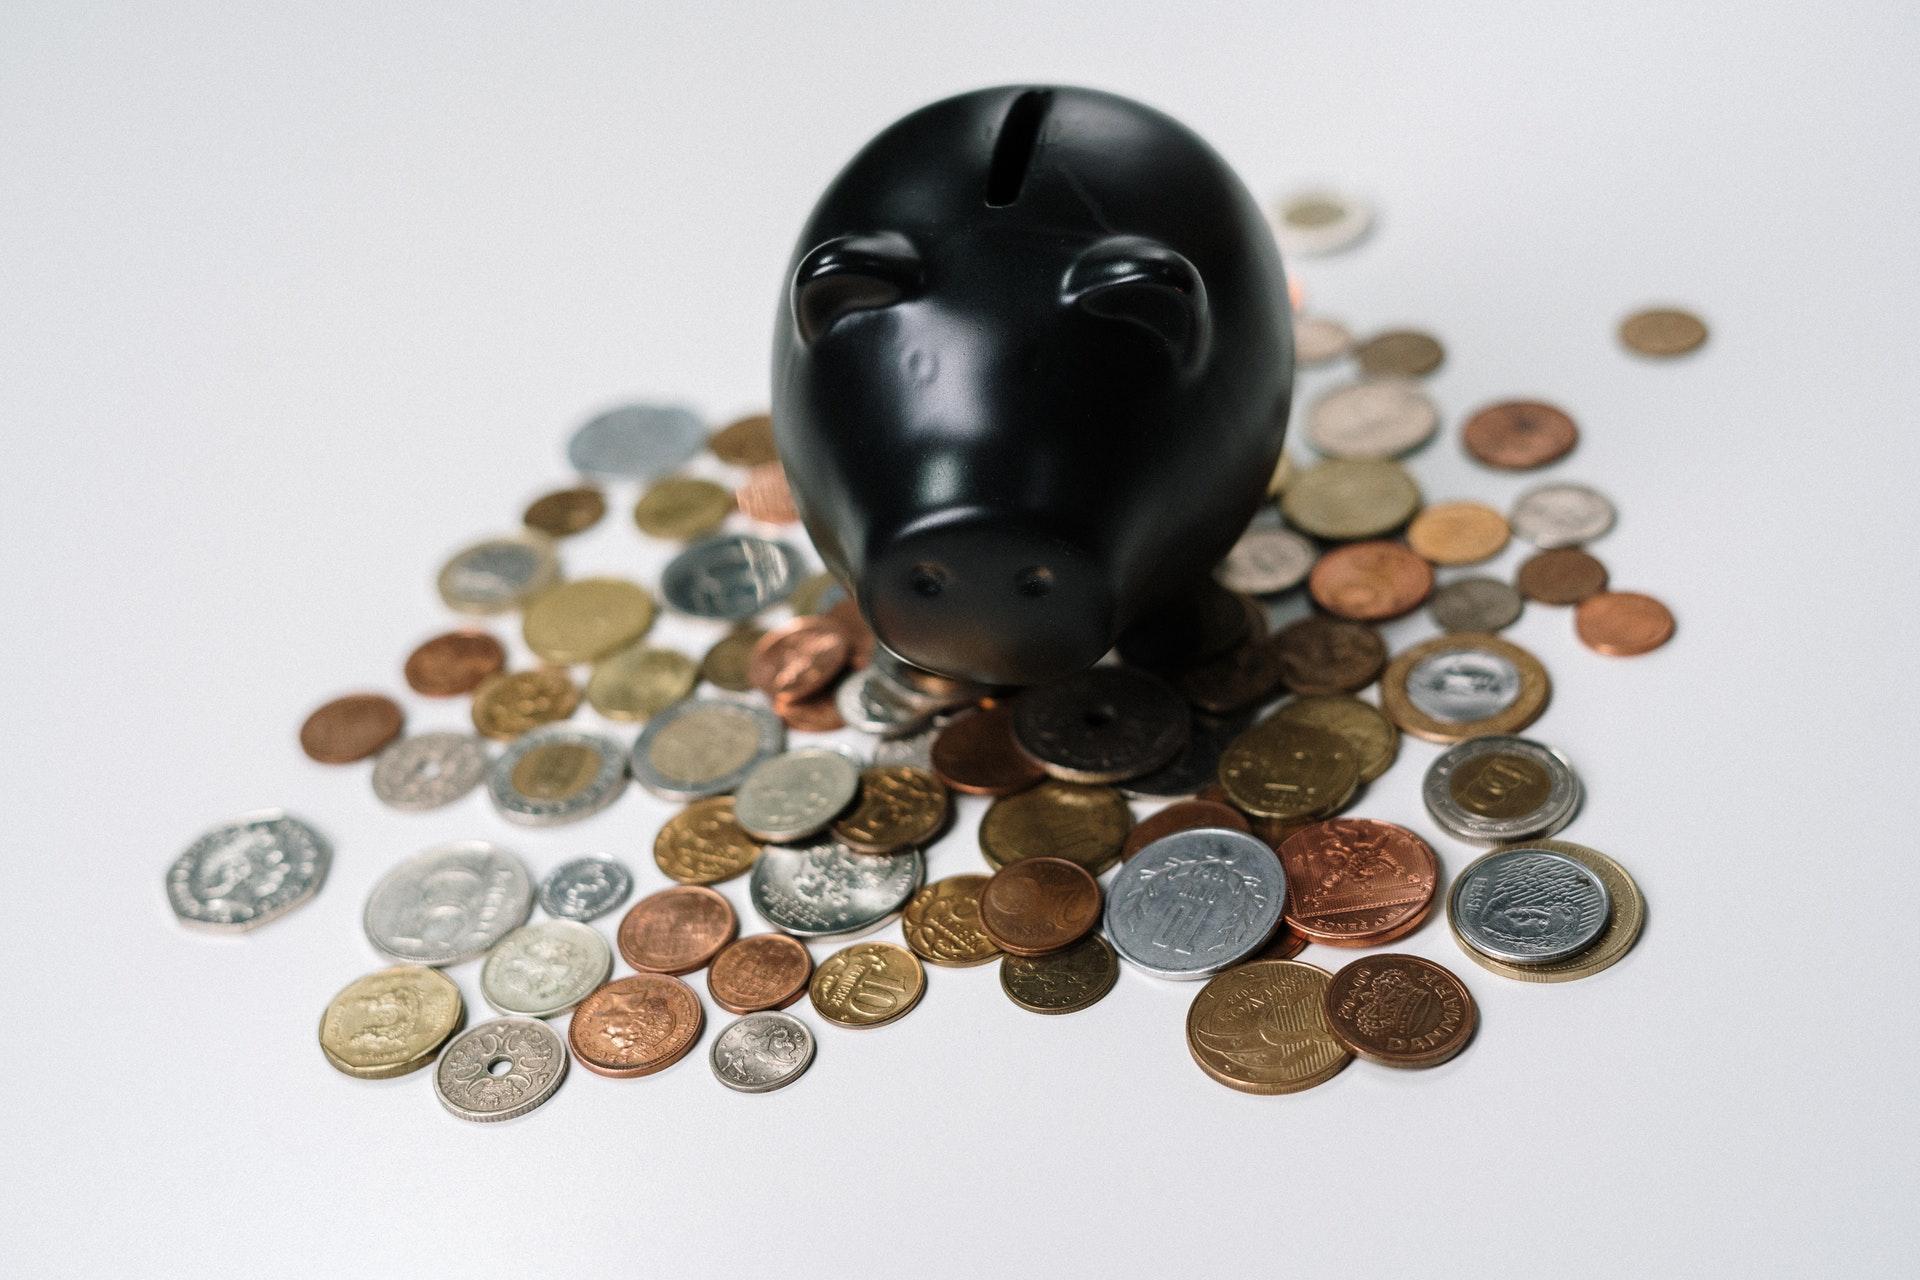 Vemos um cofrinho em formato de porco rodeado por moedas (imagem ilustrativa). Texto: empreendimento de baixo custo.